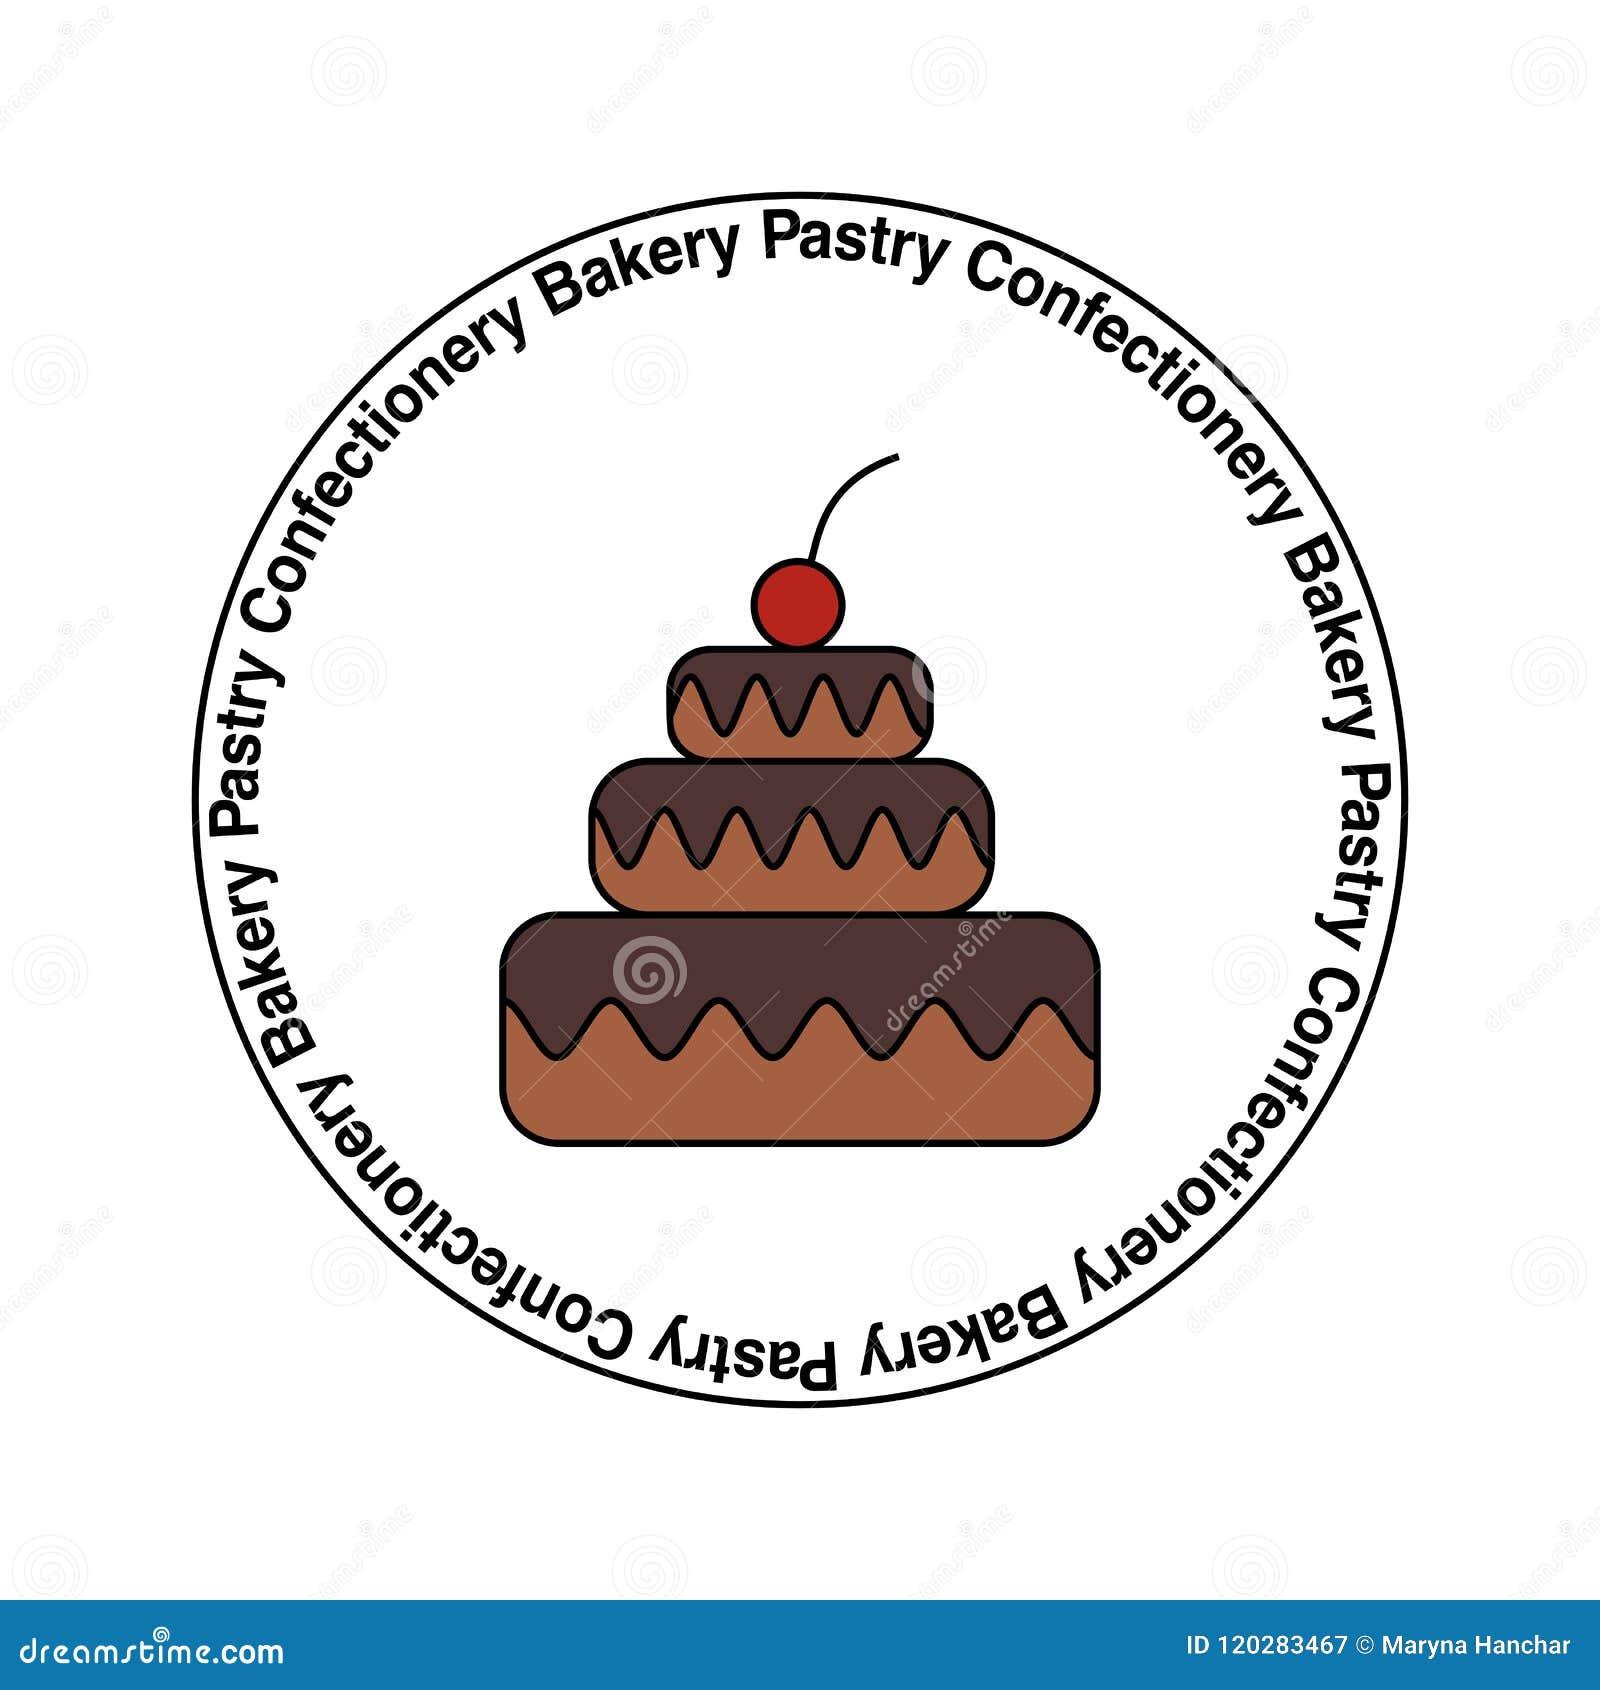 甜商店,酥皮点心,糖果店,面包店,自创蛋糕传染媒介商标,象征,贴纸